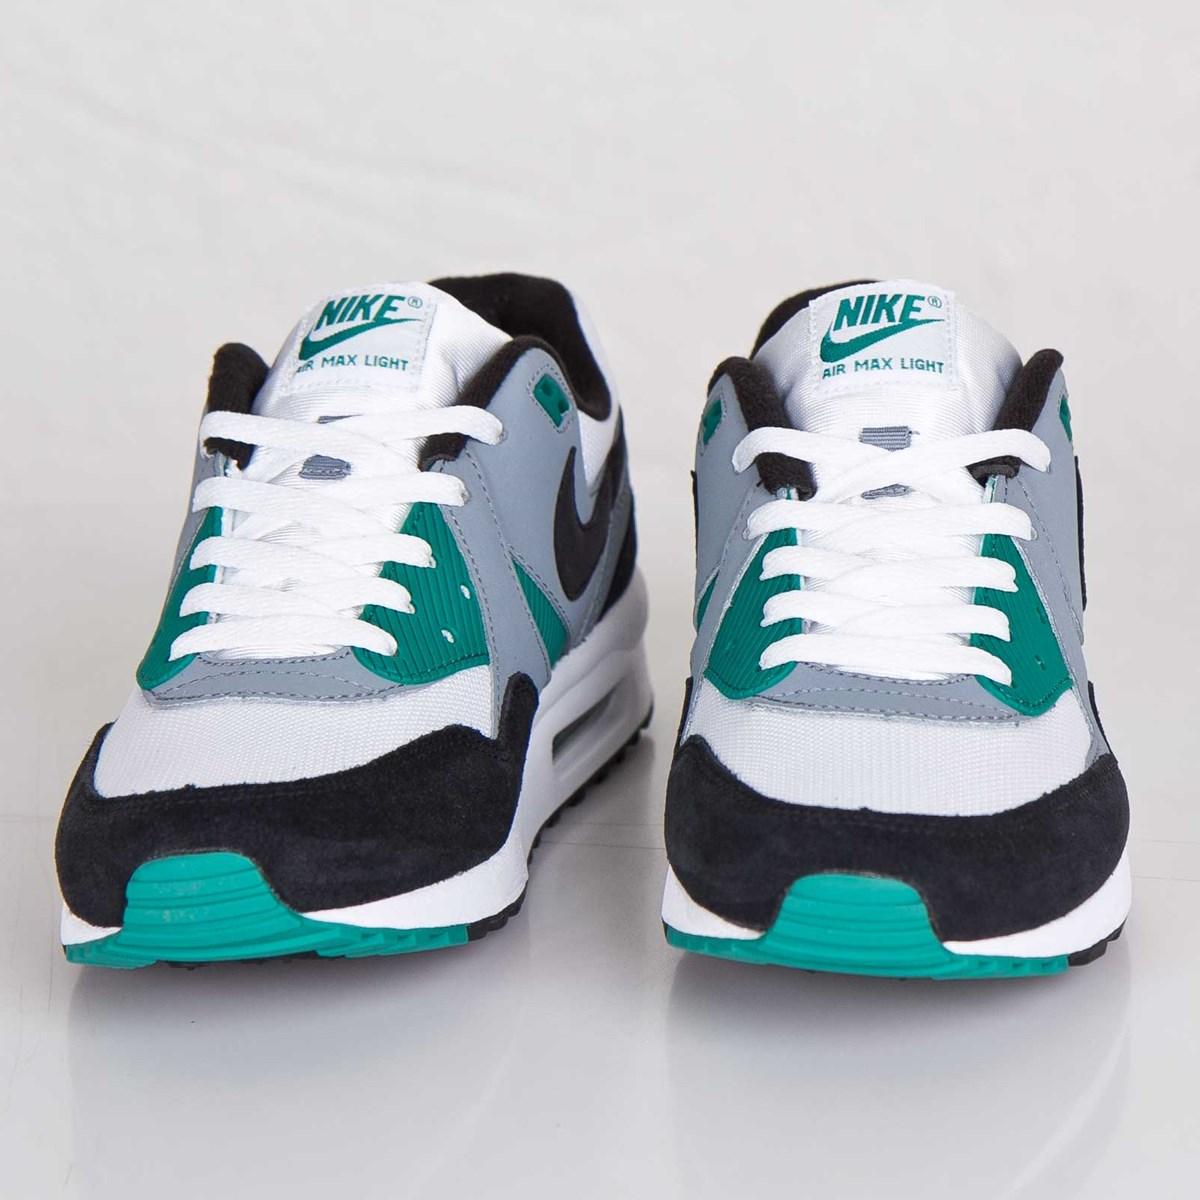 99b8aee011 Nike Air Max Light Essential - 631722-103 - Sneakersnstuff | sneakers &  streetwear online since 1999